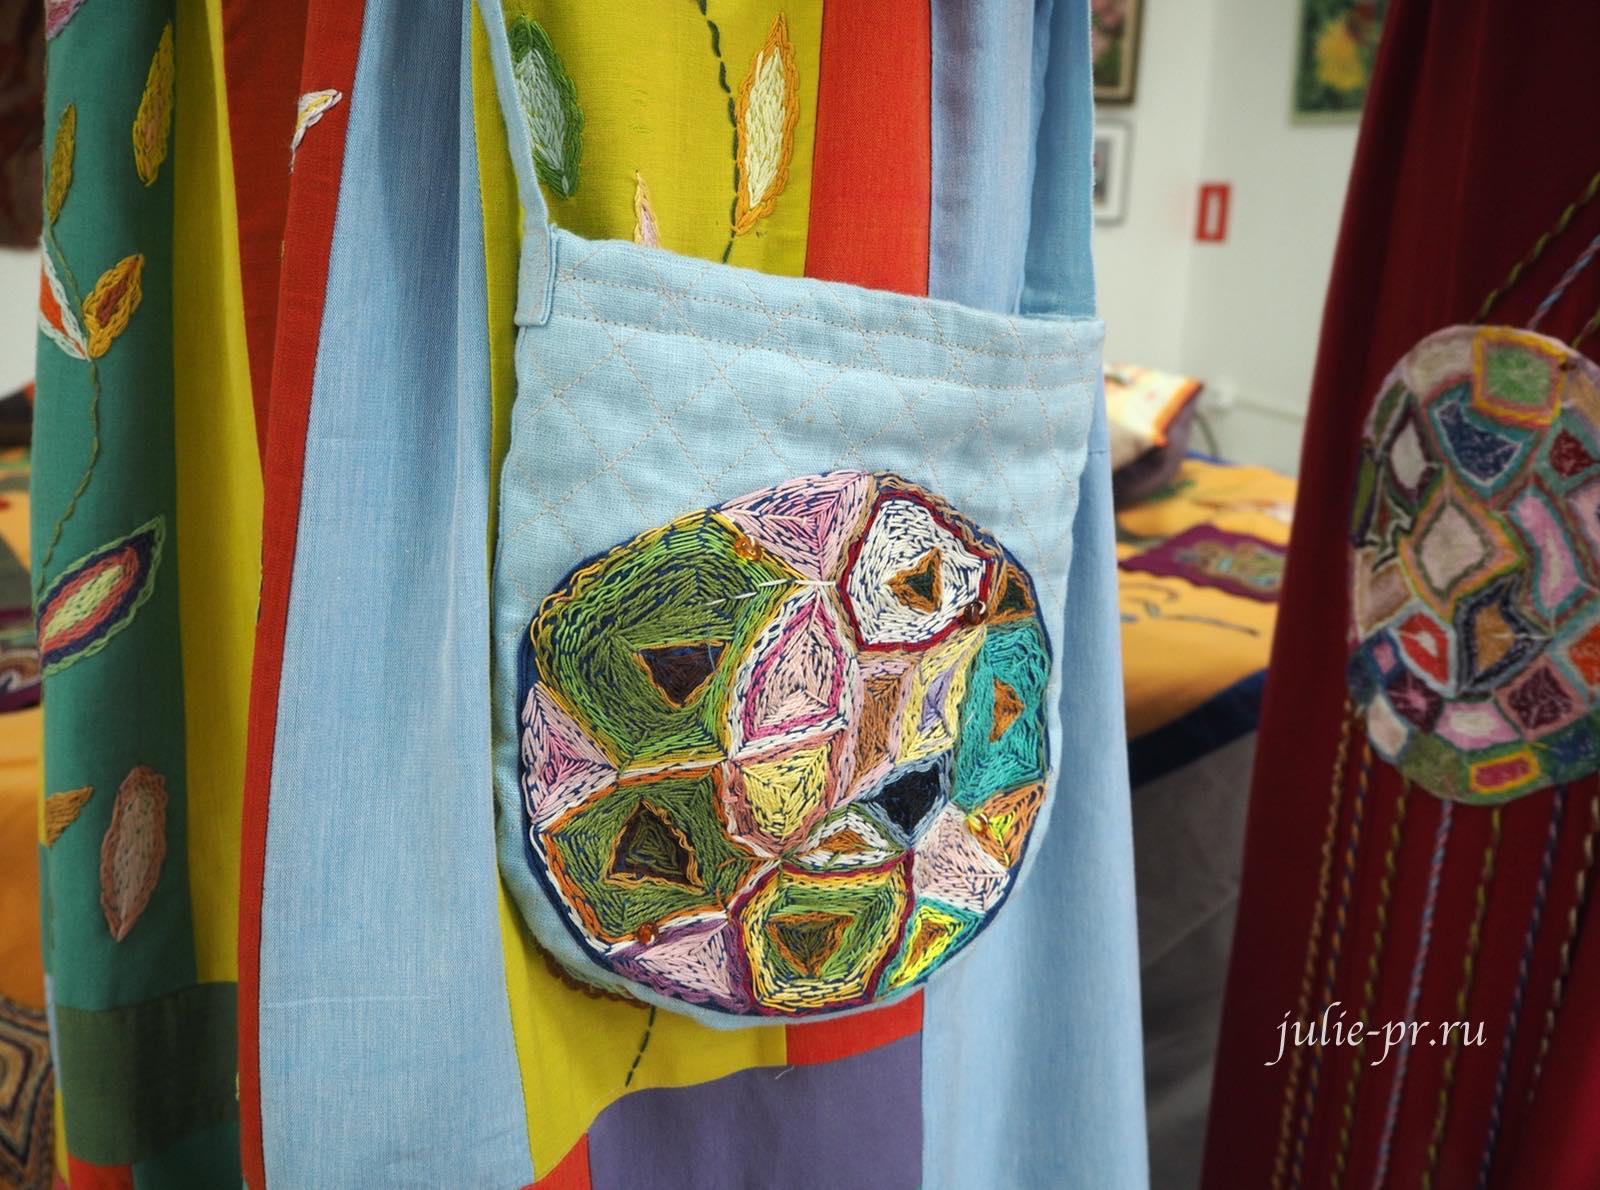 сумка с вышивкой, Вышивка на одежде, платье с вышивкой, вышивка